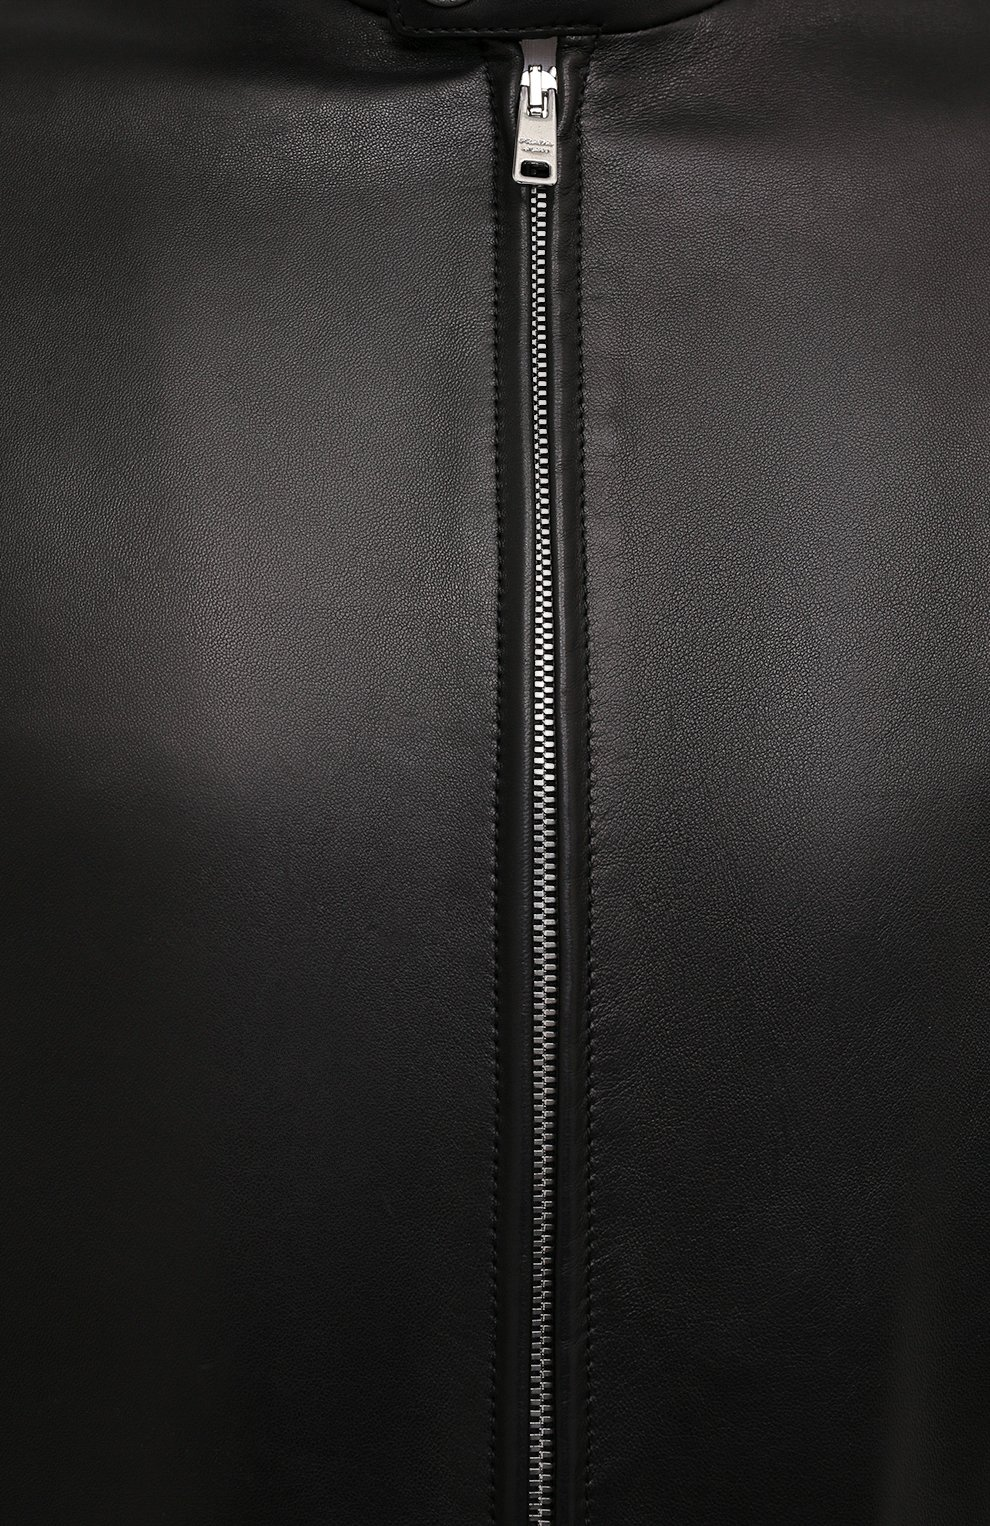 Мужская кожаная куртка PRADA черного цвета, арт. UPW226-1F21-F0002   Фото 5 (Кросс-КТ: Куртка; Рукава: Длинные; Мужское Кросс-КТ: Кожа и замша; Длина (верхняя одежда): Короткие; Стили: Кэжуэл)